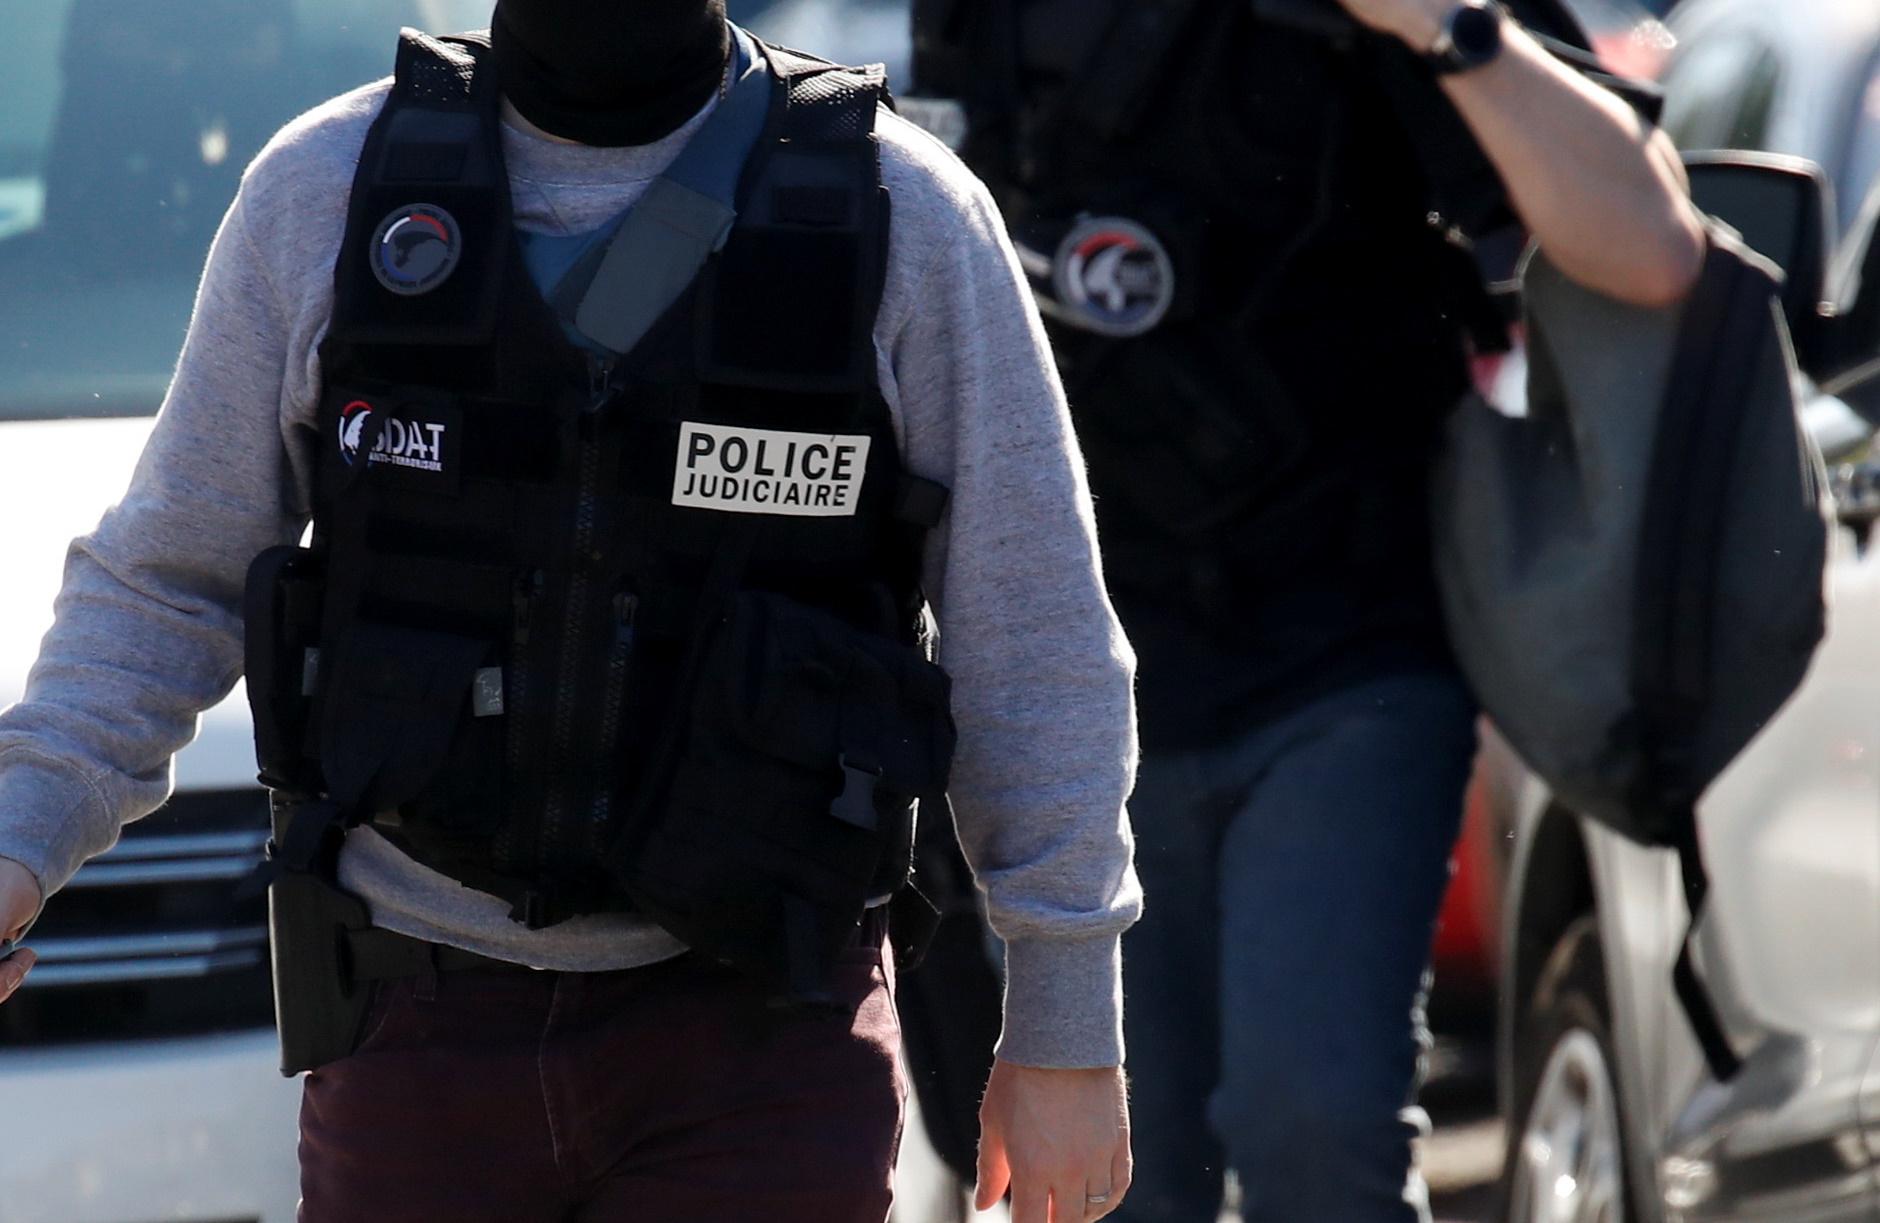 Παραδόθηκε ένας από τους Ιταλούς πρώην τρομοκράτες που ξέφυγαν τη σύλληψη στην επιχείρηση «κόκκινες σκιές»